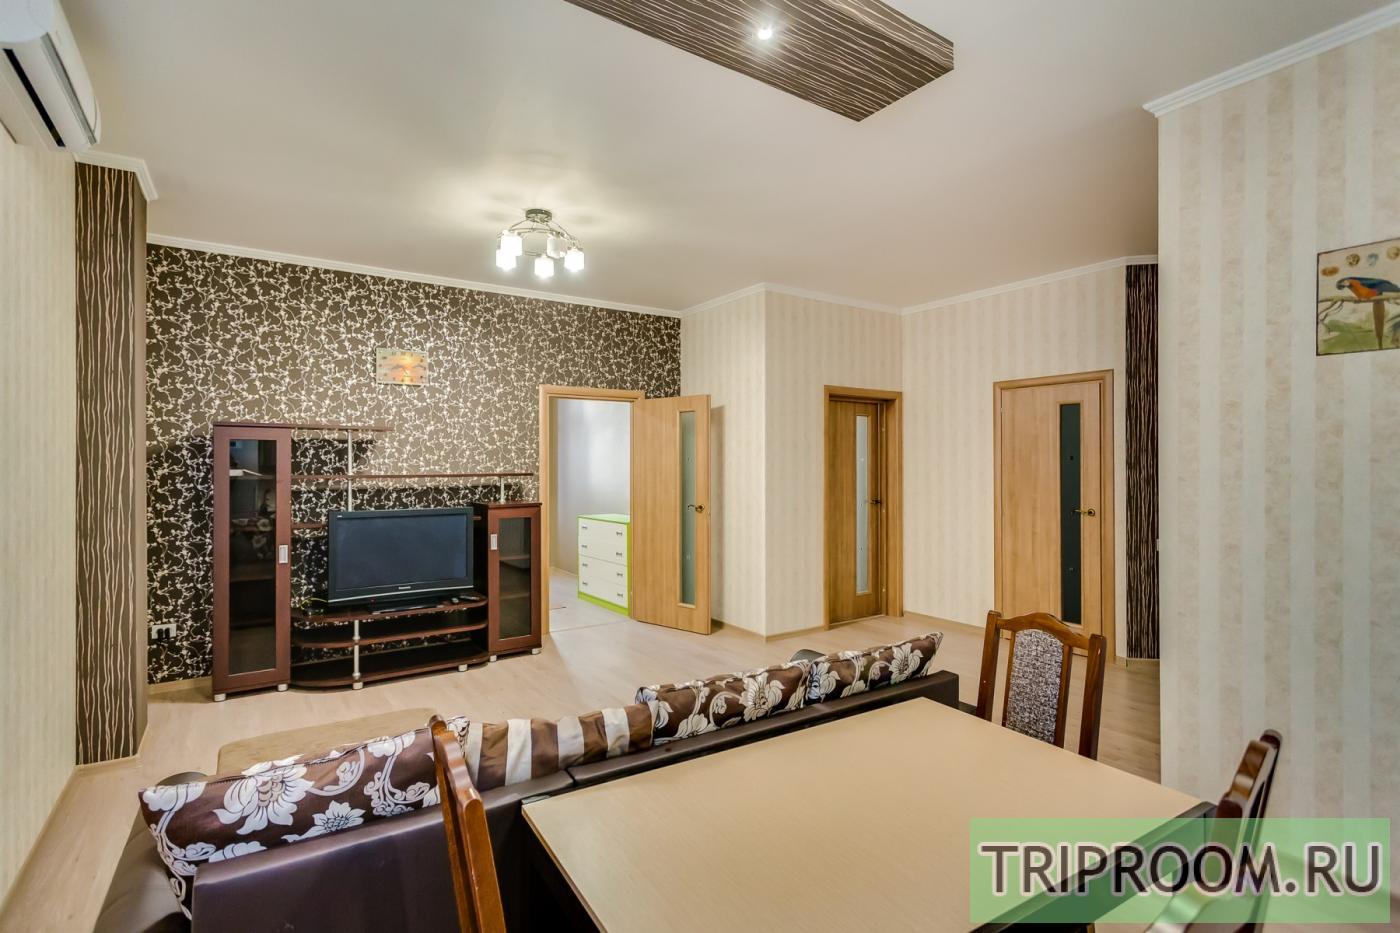 3-комнатная квартира посуточно (вариант № 23511), ул. Красноармейская улица, фото № 10